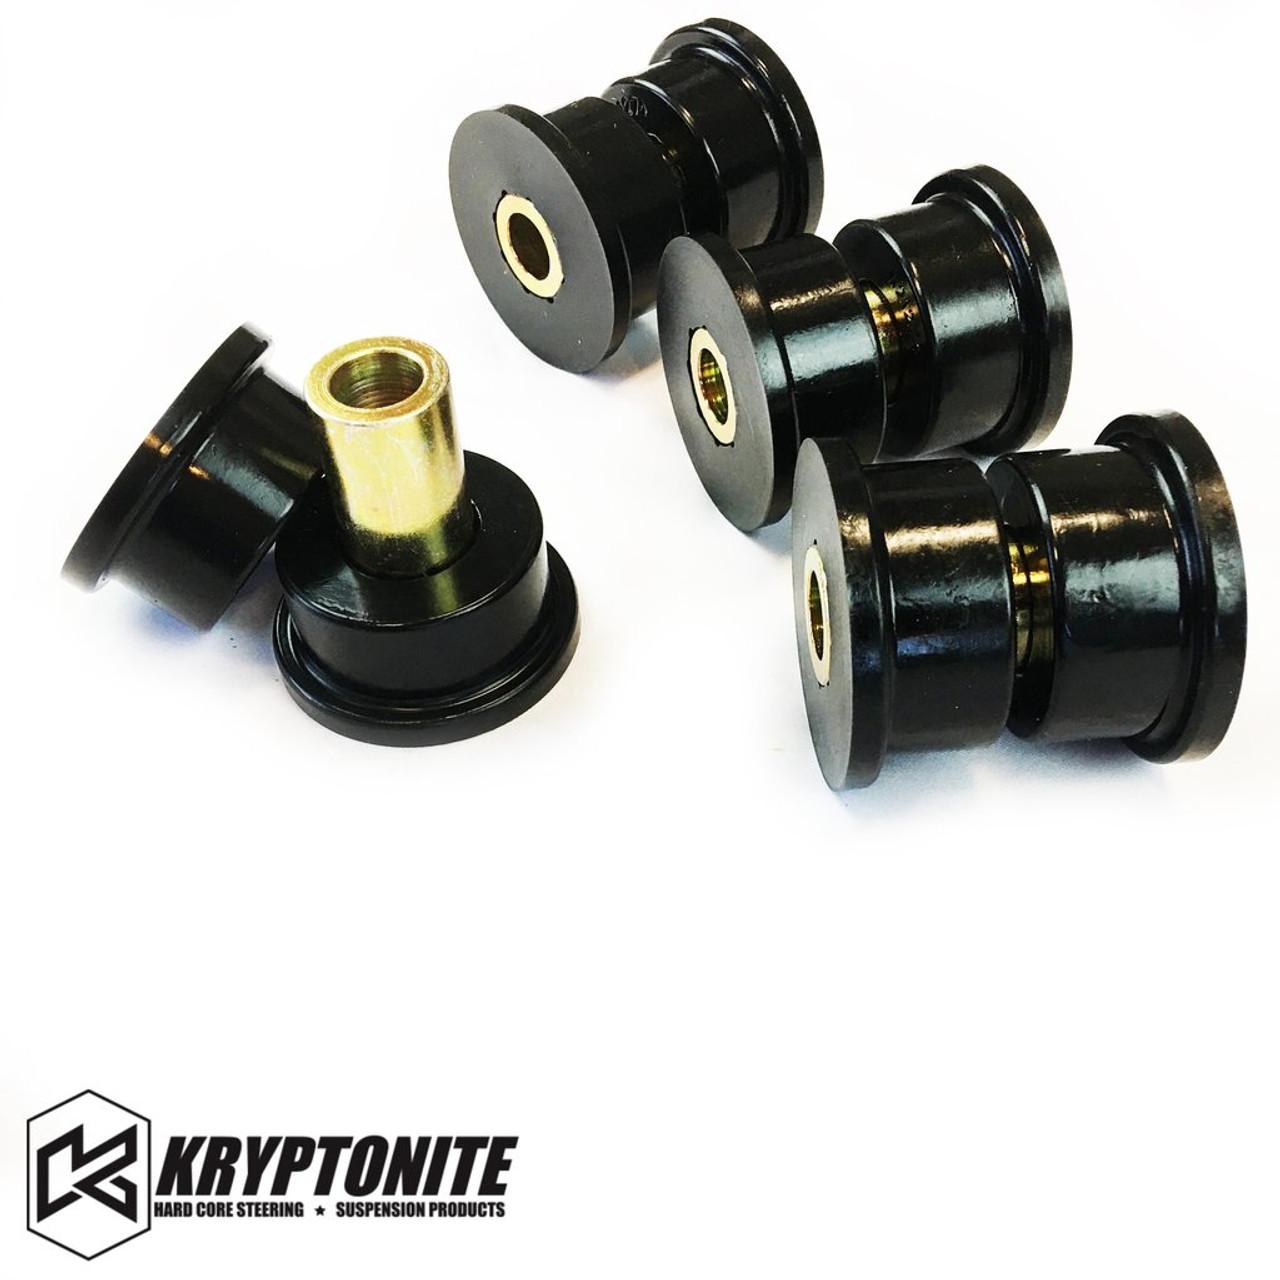 KRYPTONITE UPPER CONTROL ARM BUSHINGS 2011+